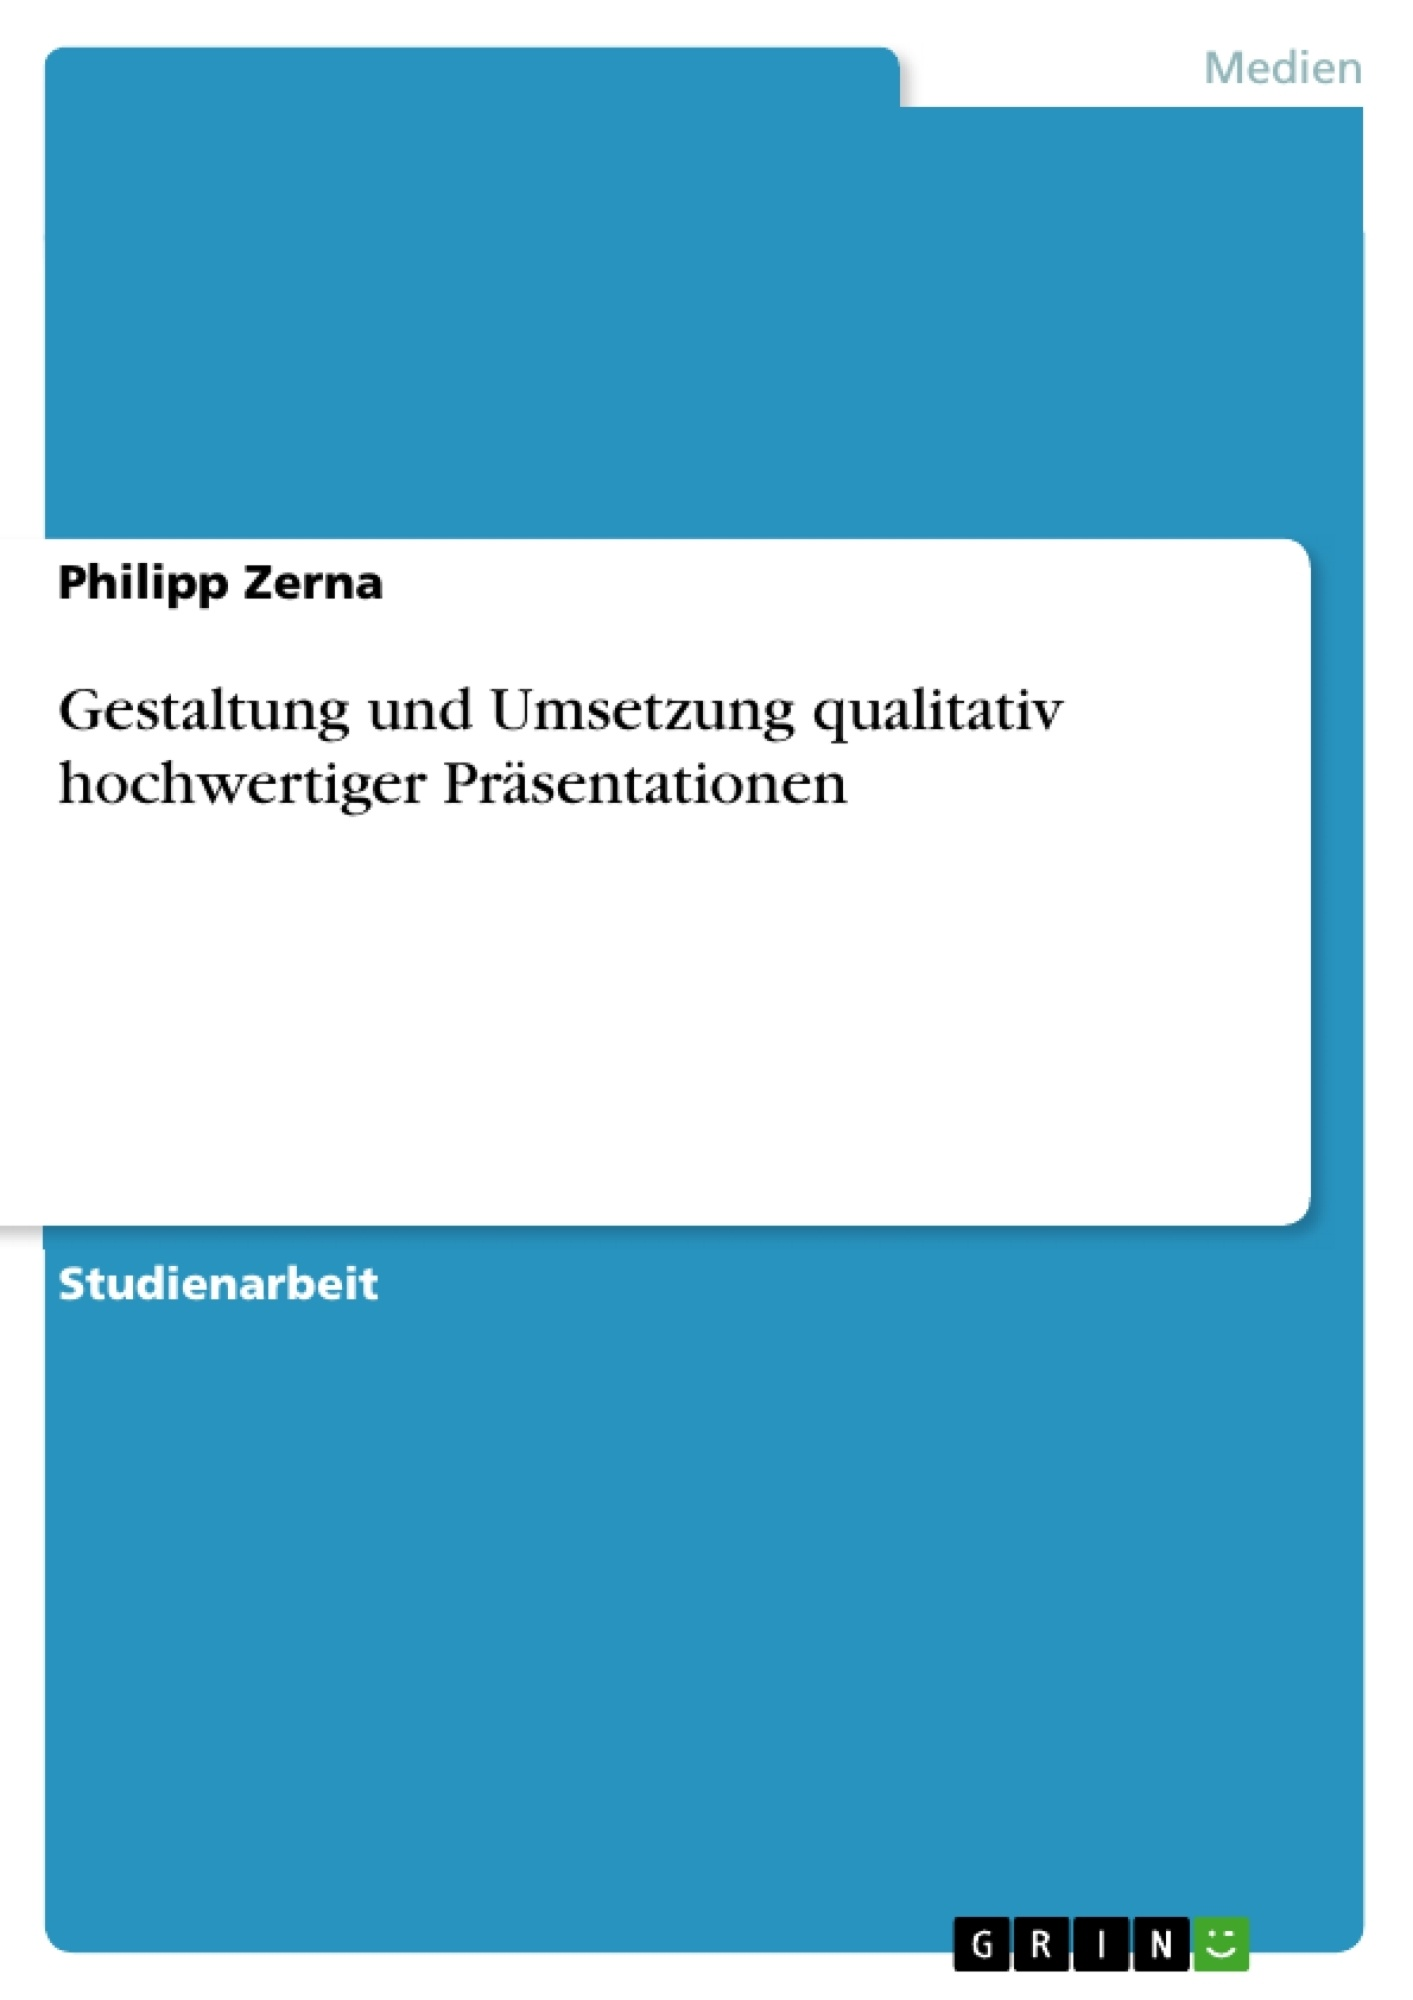 Titel: Gestaltung und Umsetzung qualitativ hochwertiger Präsentationen